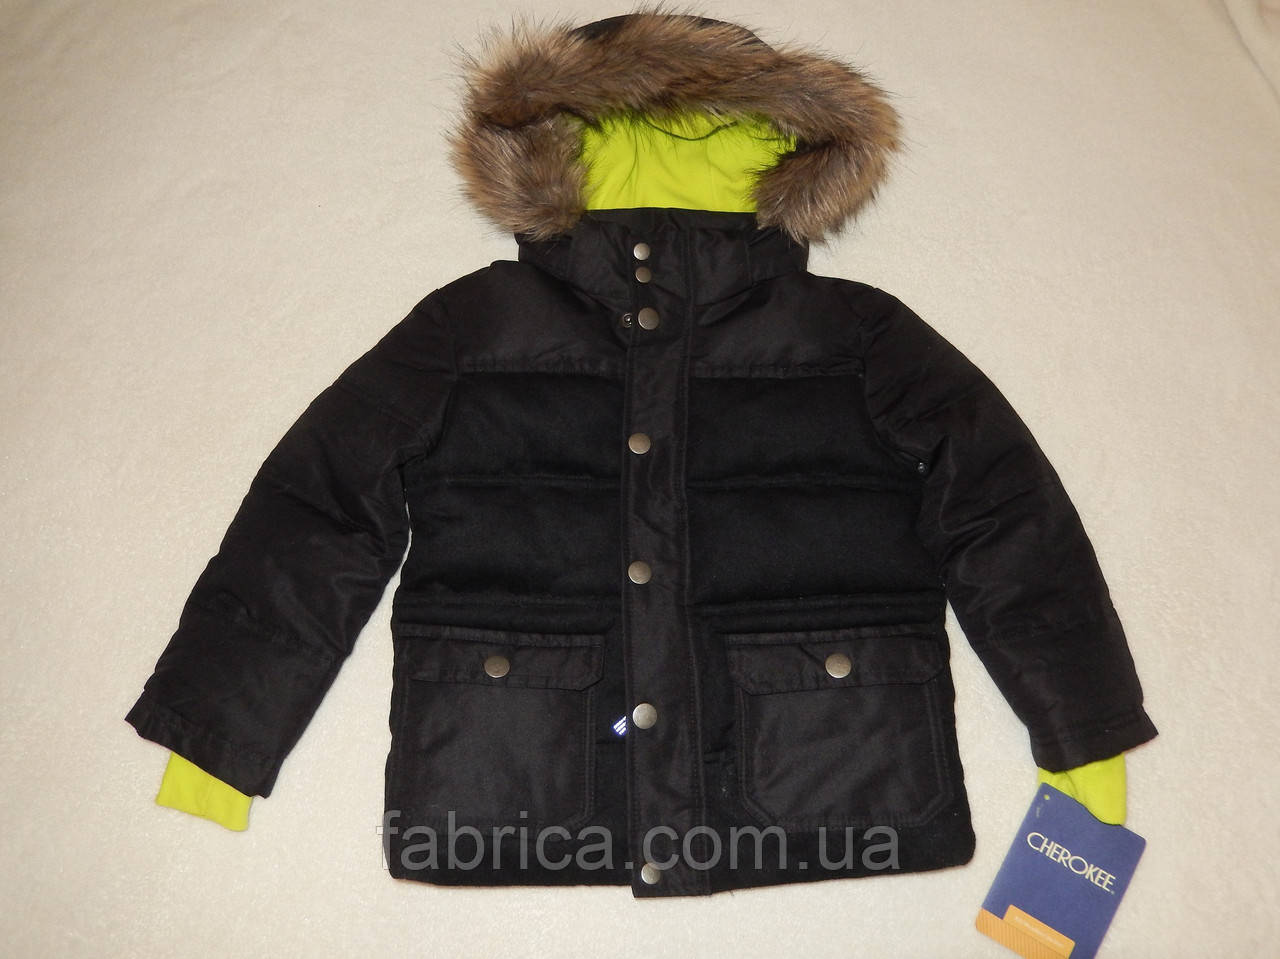 Куртка теплая, зима США 4 года CHEROKEE